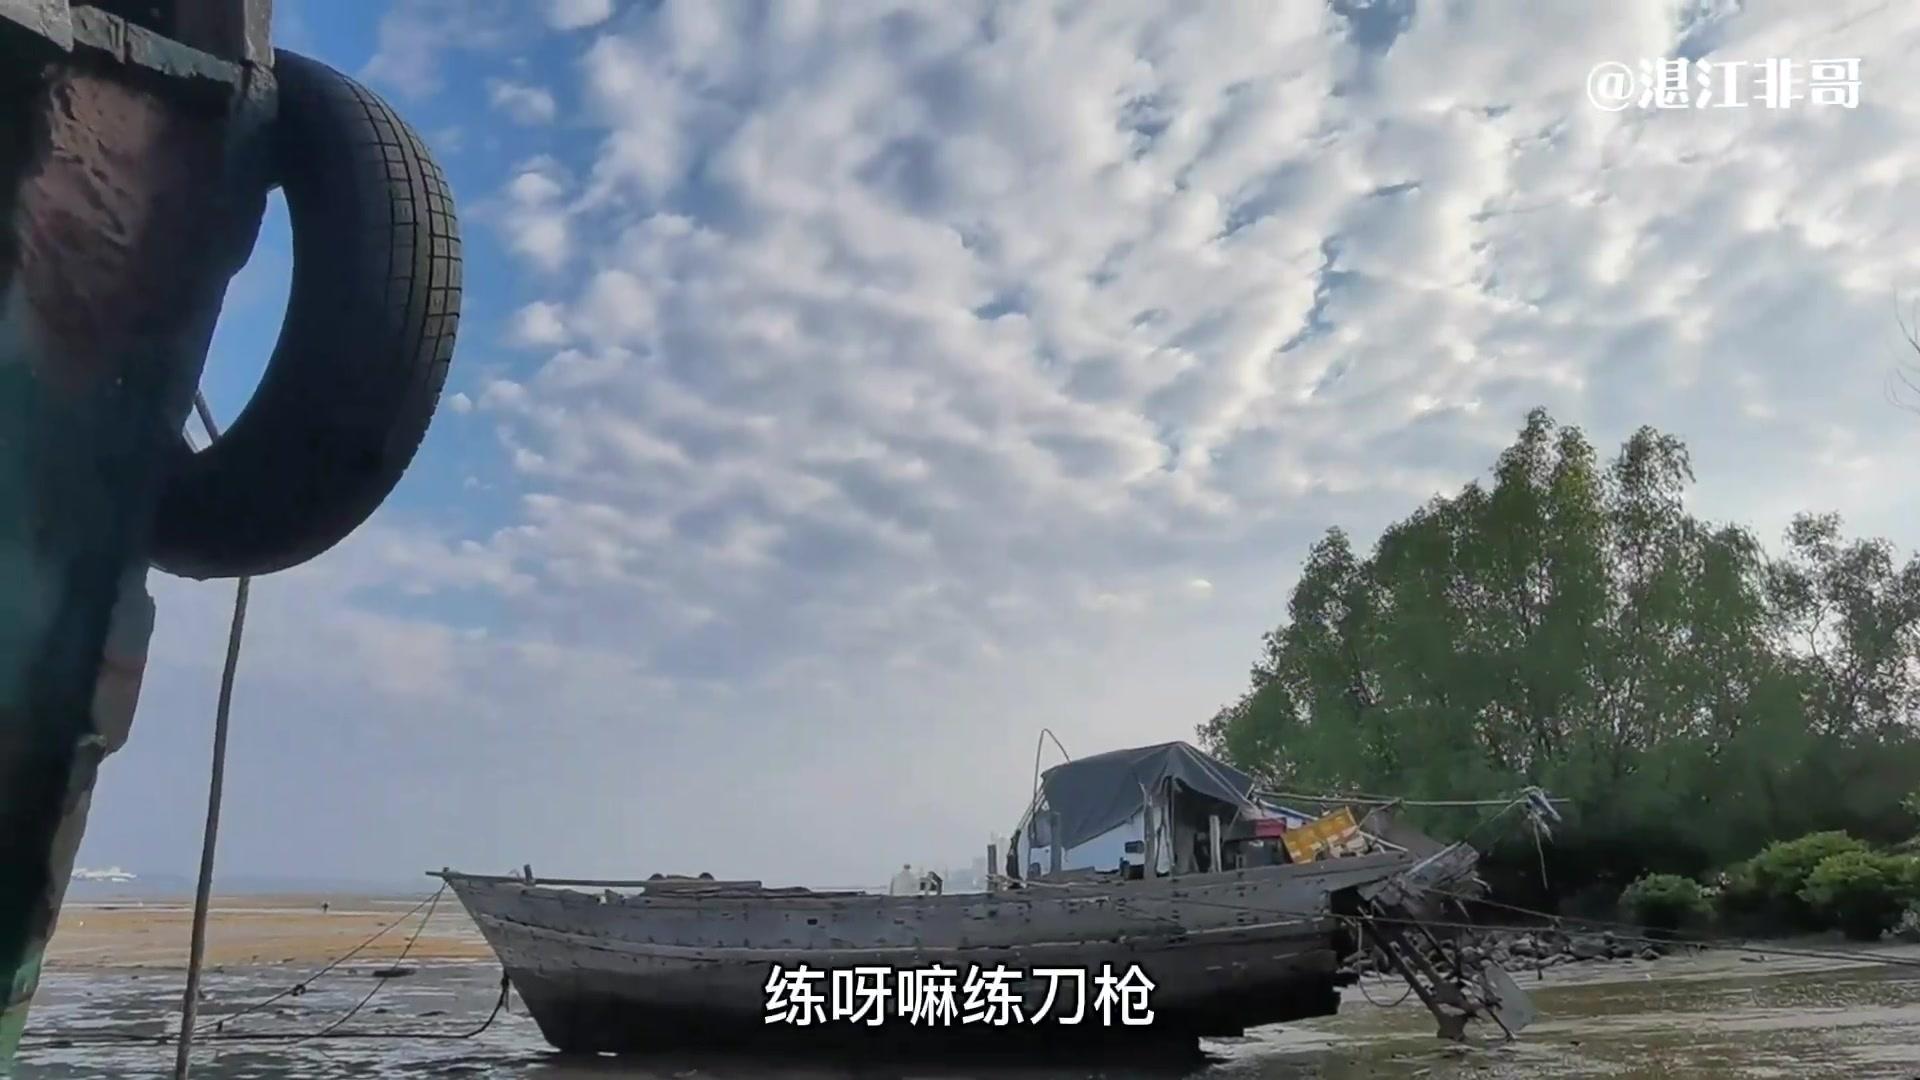 分享 | 【我为家乡代言】湛江的秋天,新影像-花粉俱乐部